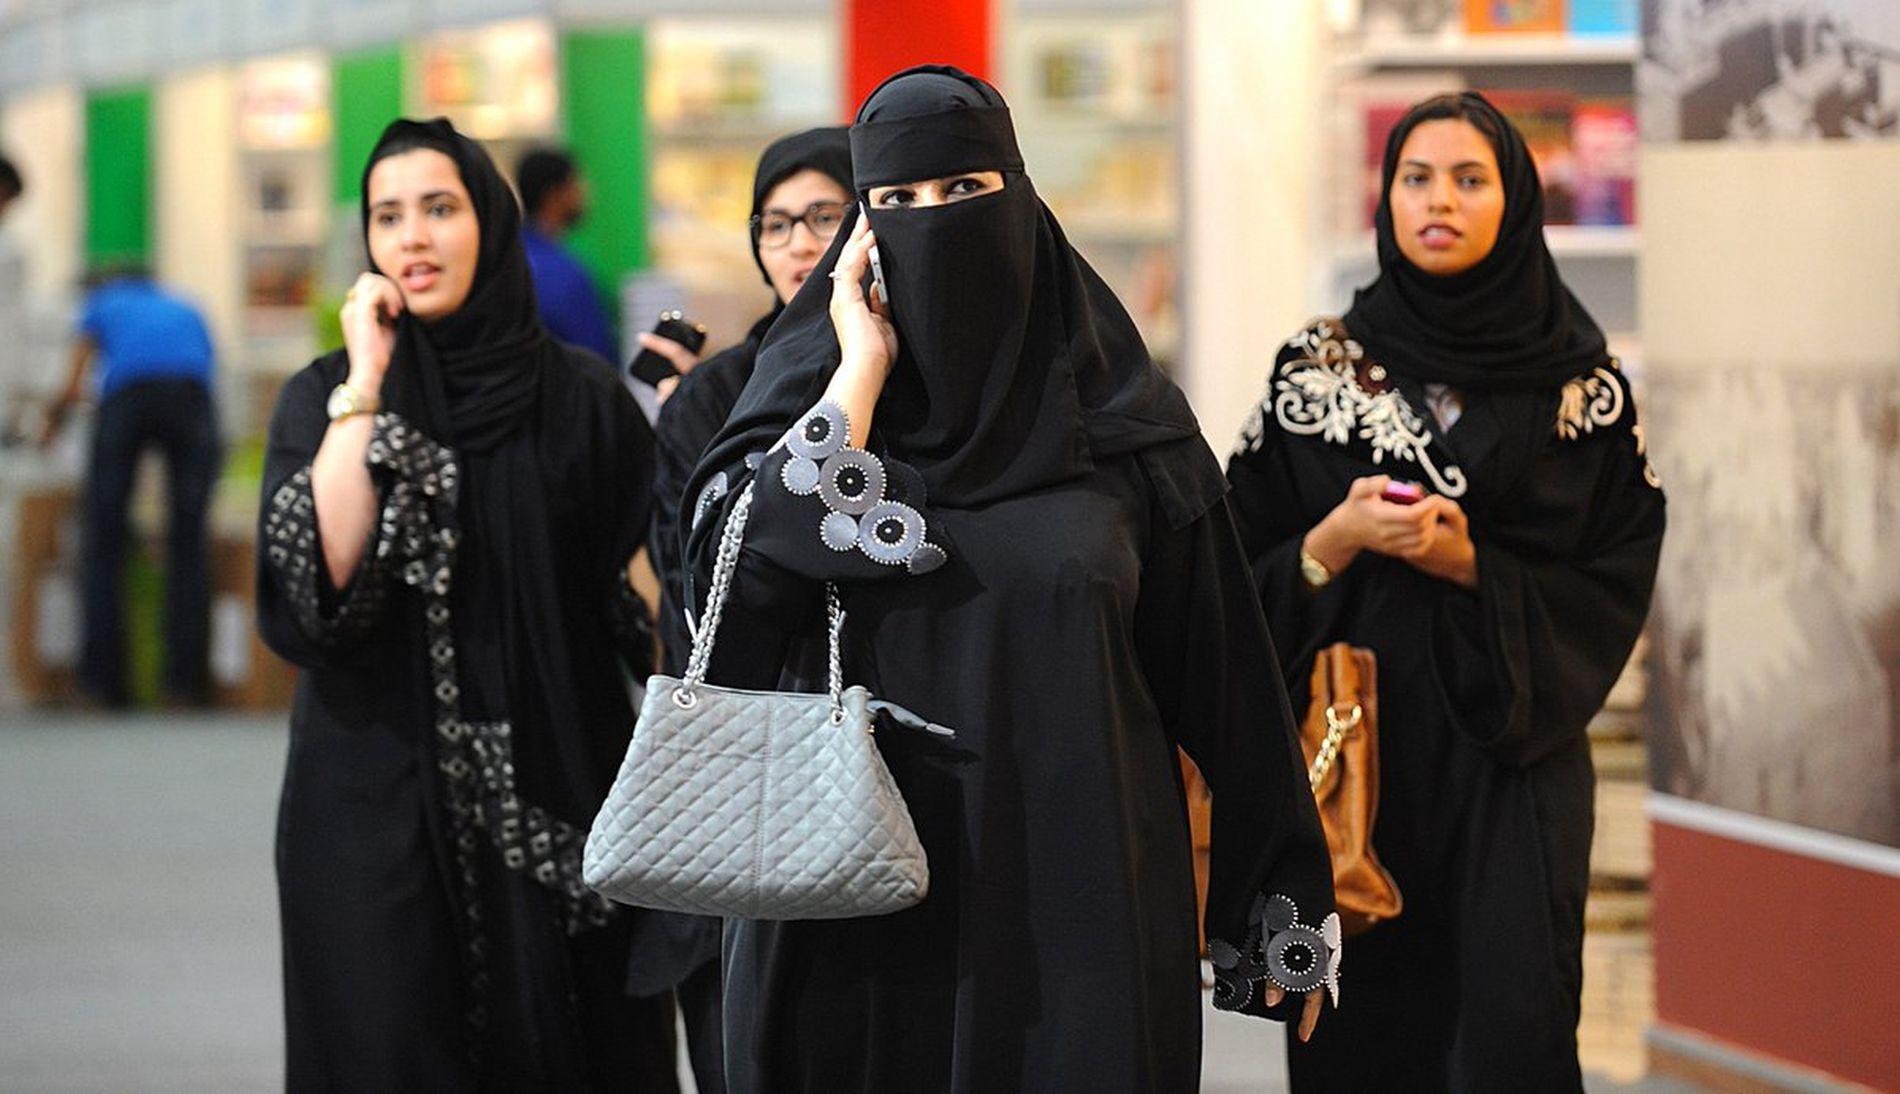 0216-islam-ulkelerinde-seriat-nasildir-1995-nokta-dergisi-carsaf-giyen-kadinlar (6)